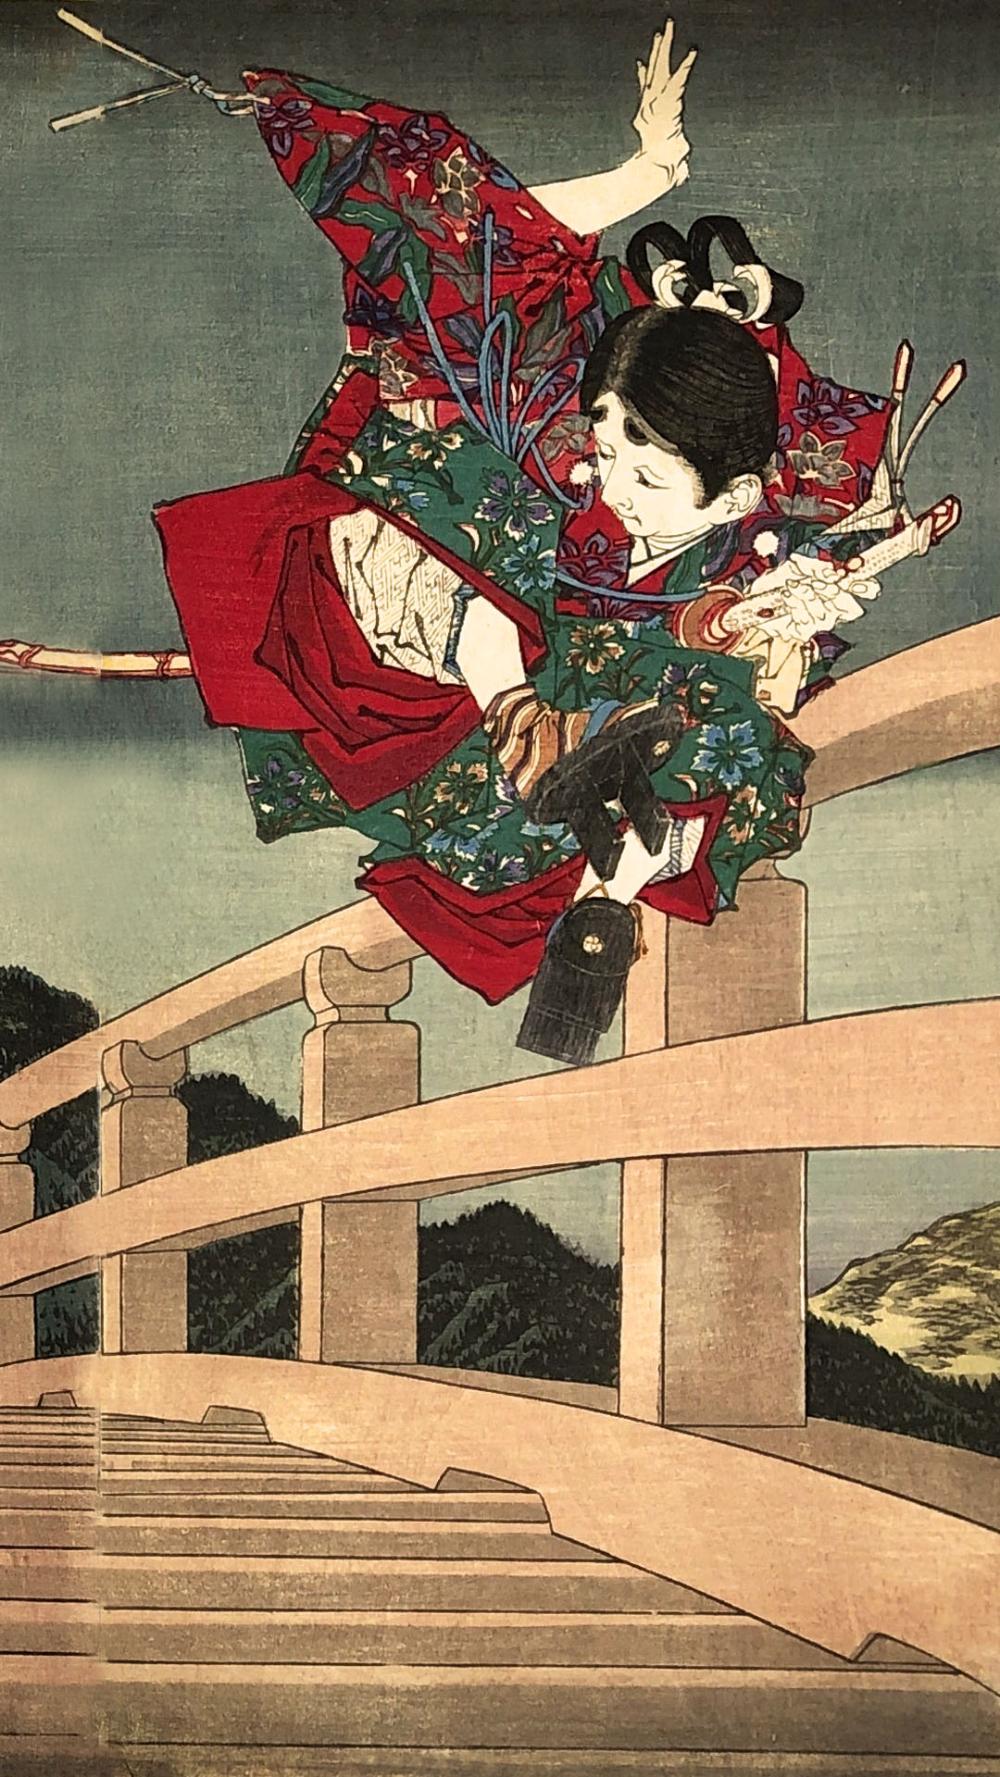 ボード Wallpaper 6 壁紙画像 絵画 日本画 イラスト 6 のピン